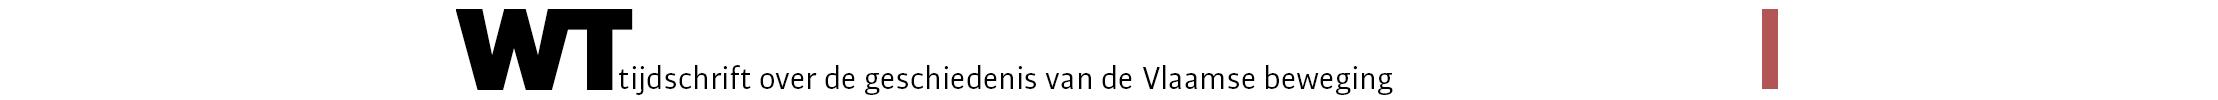 WT. Tijdschrift over de geschiedenis van de Vlaamse beweging